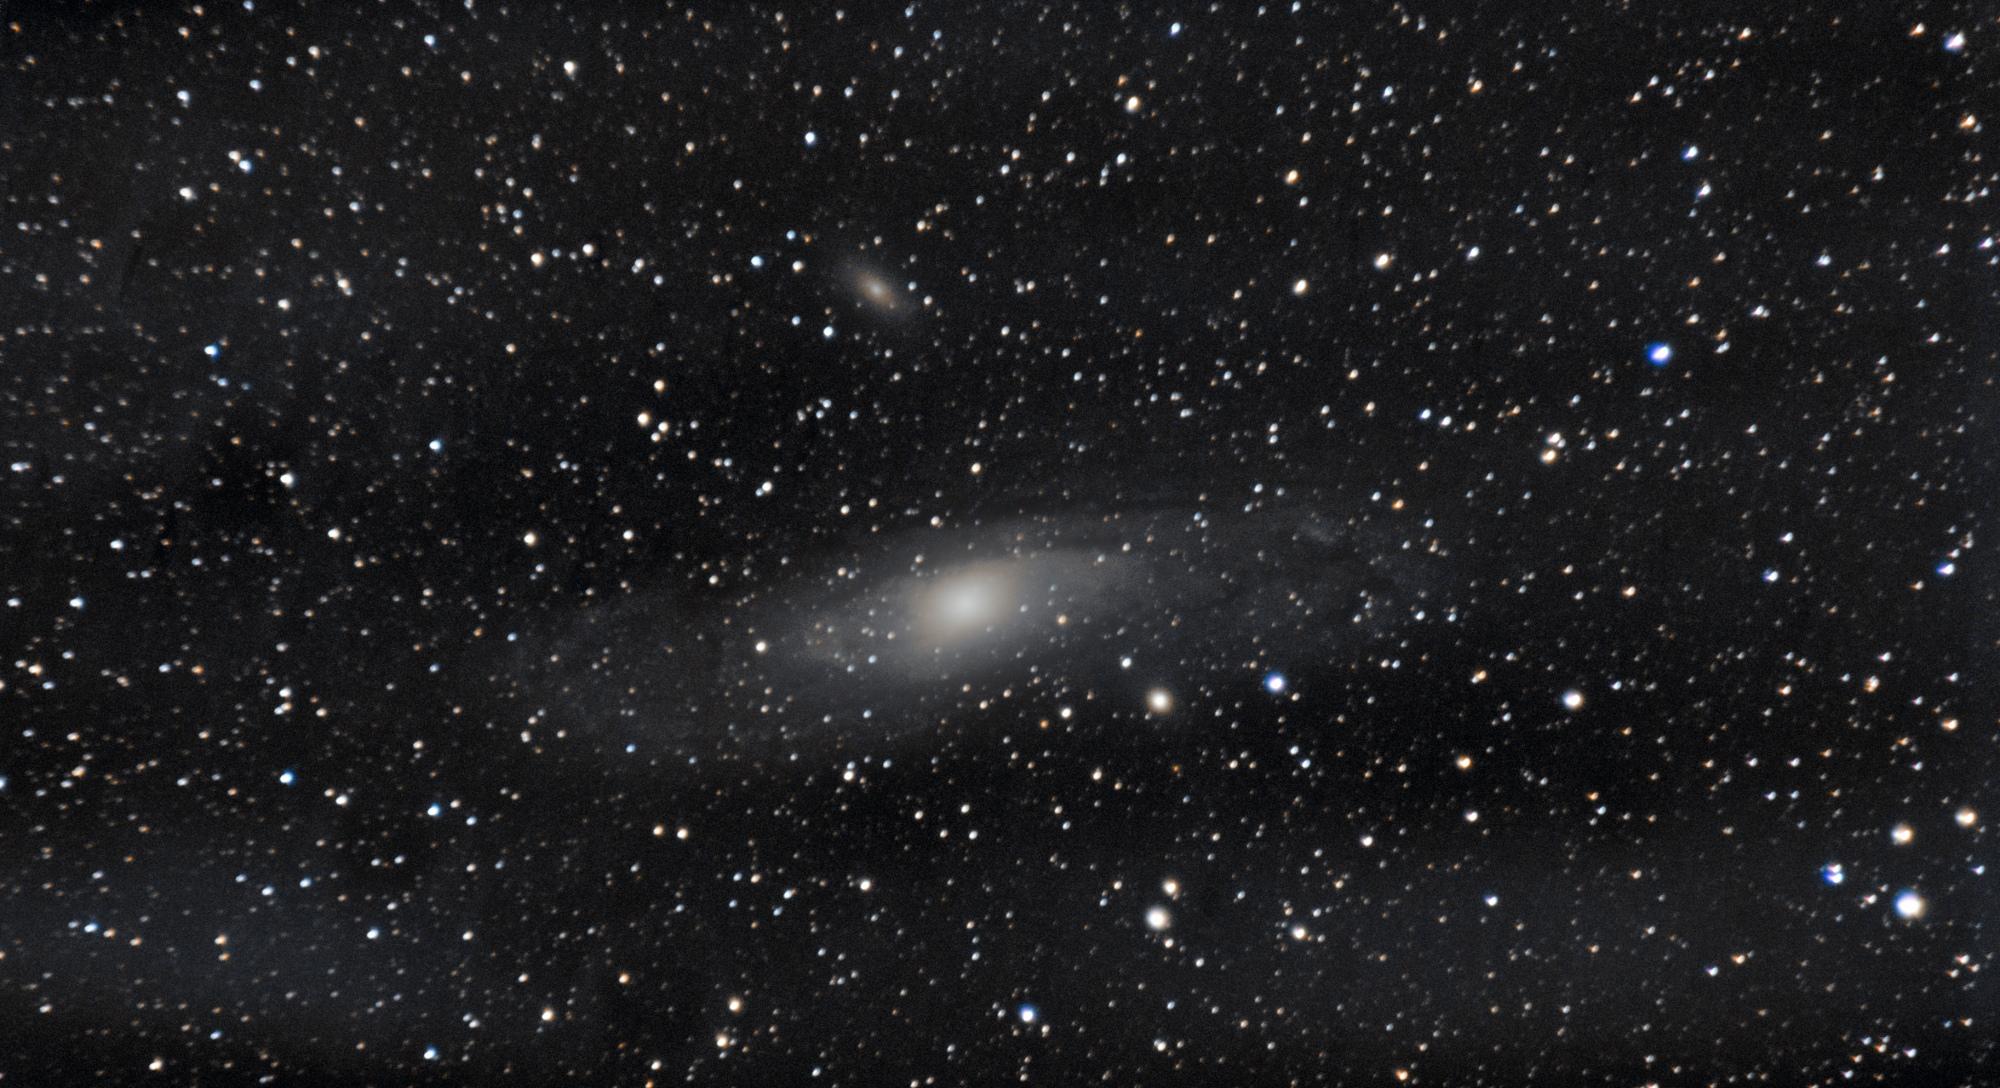 M31_SIRIL_CS2_v3ter.thumb.jpg.b01adcaf9994042ef288f3cf19bed2ba.jpg